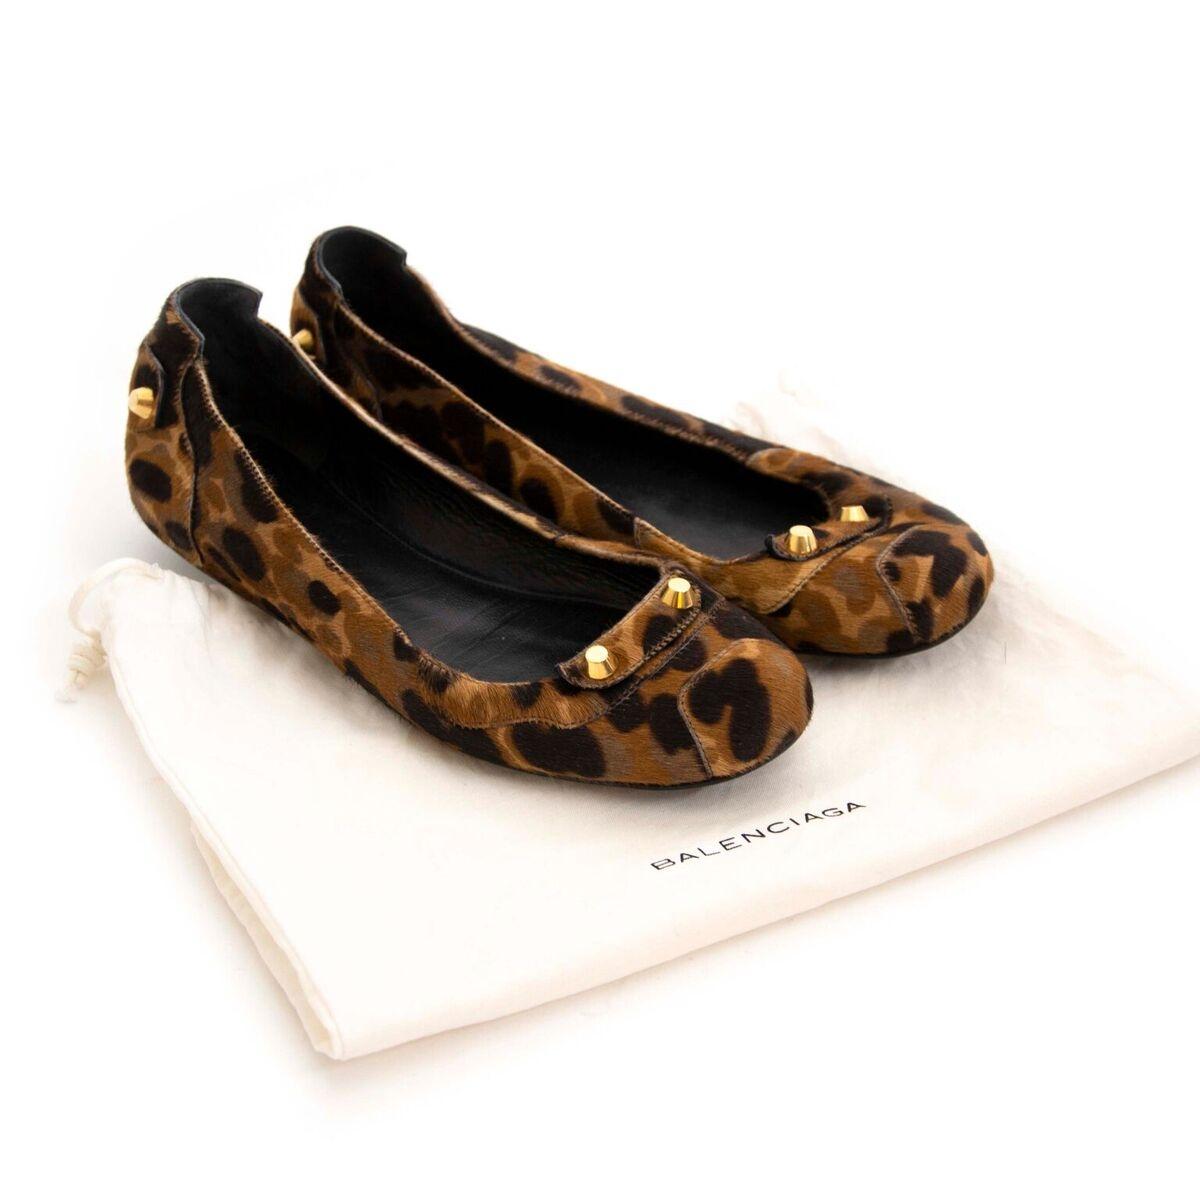 Koop tweedehands Balenciaga schoenen bij Labellov.